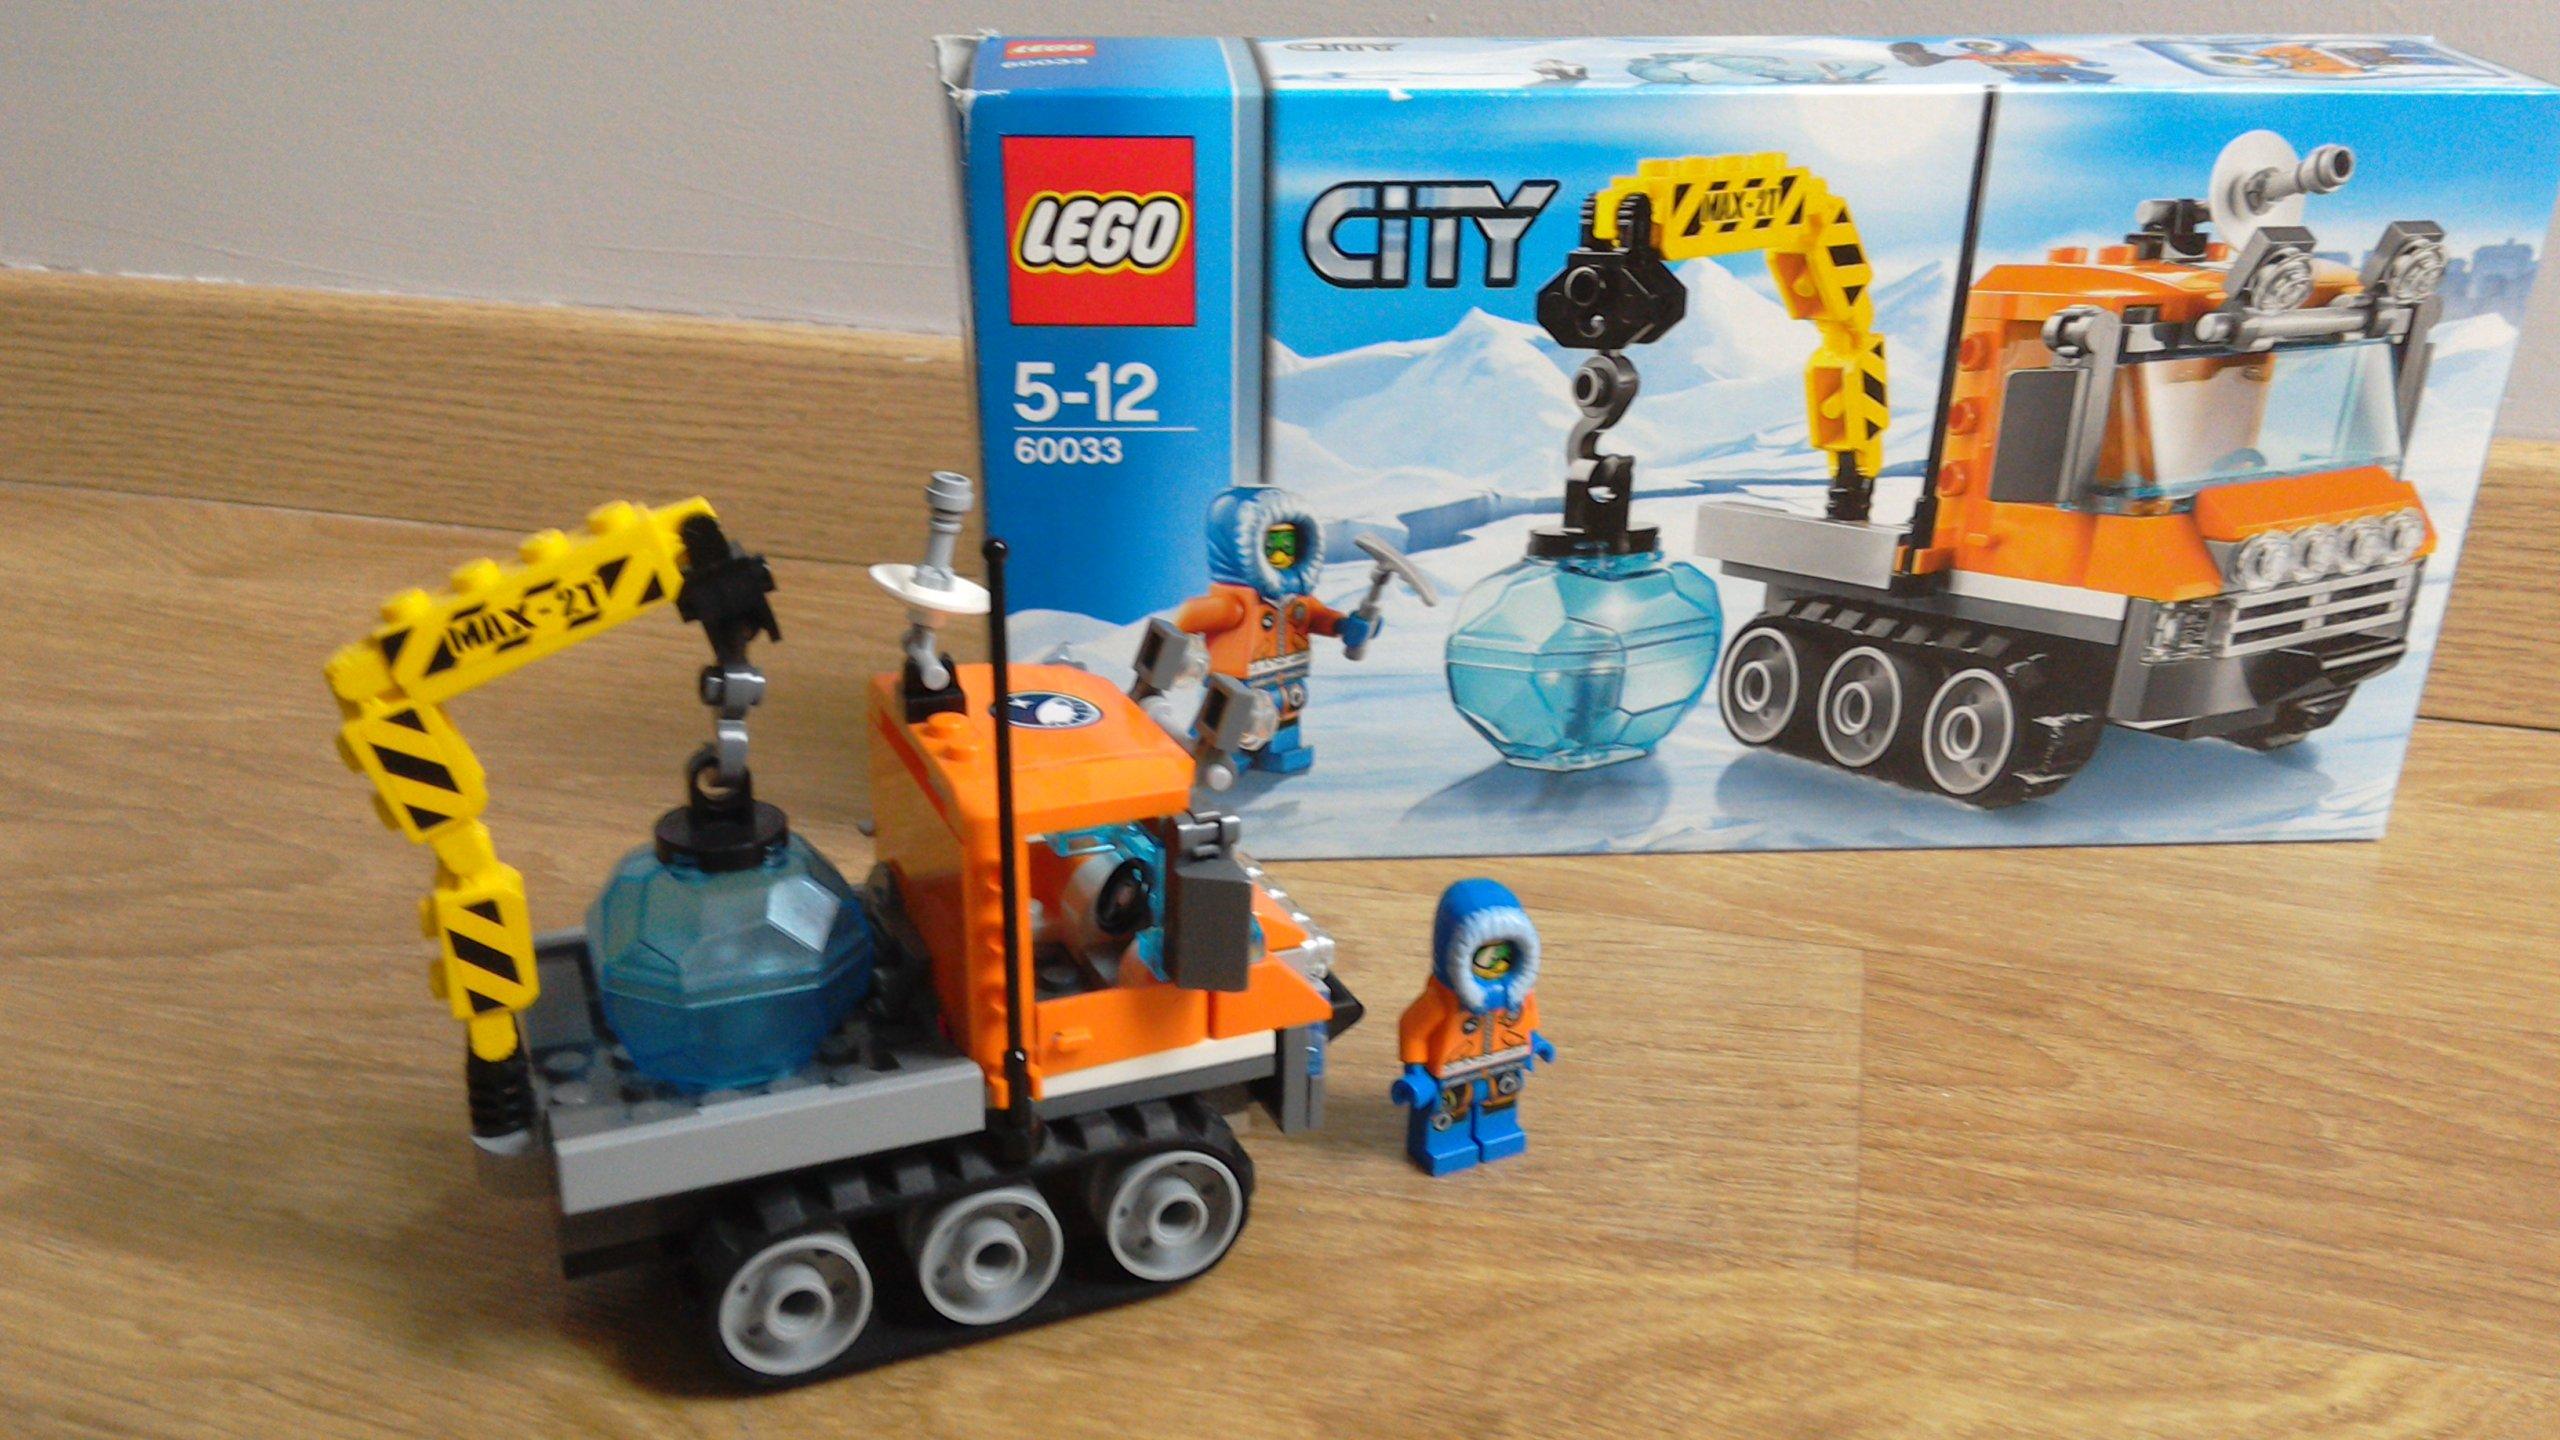 Lego City Arktyczny łazik Lodowy 60033 7142583533 Oficjalne